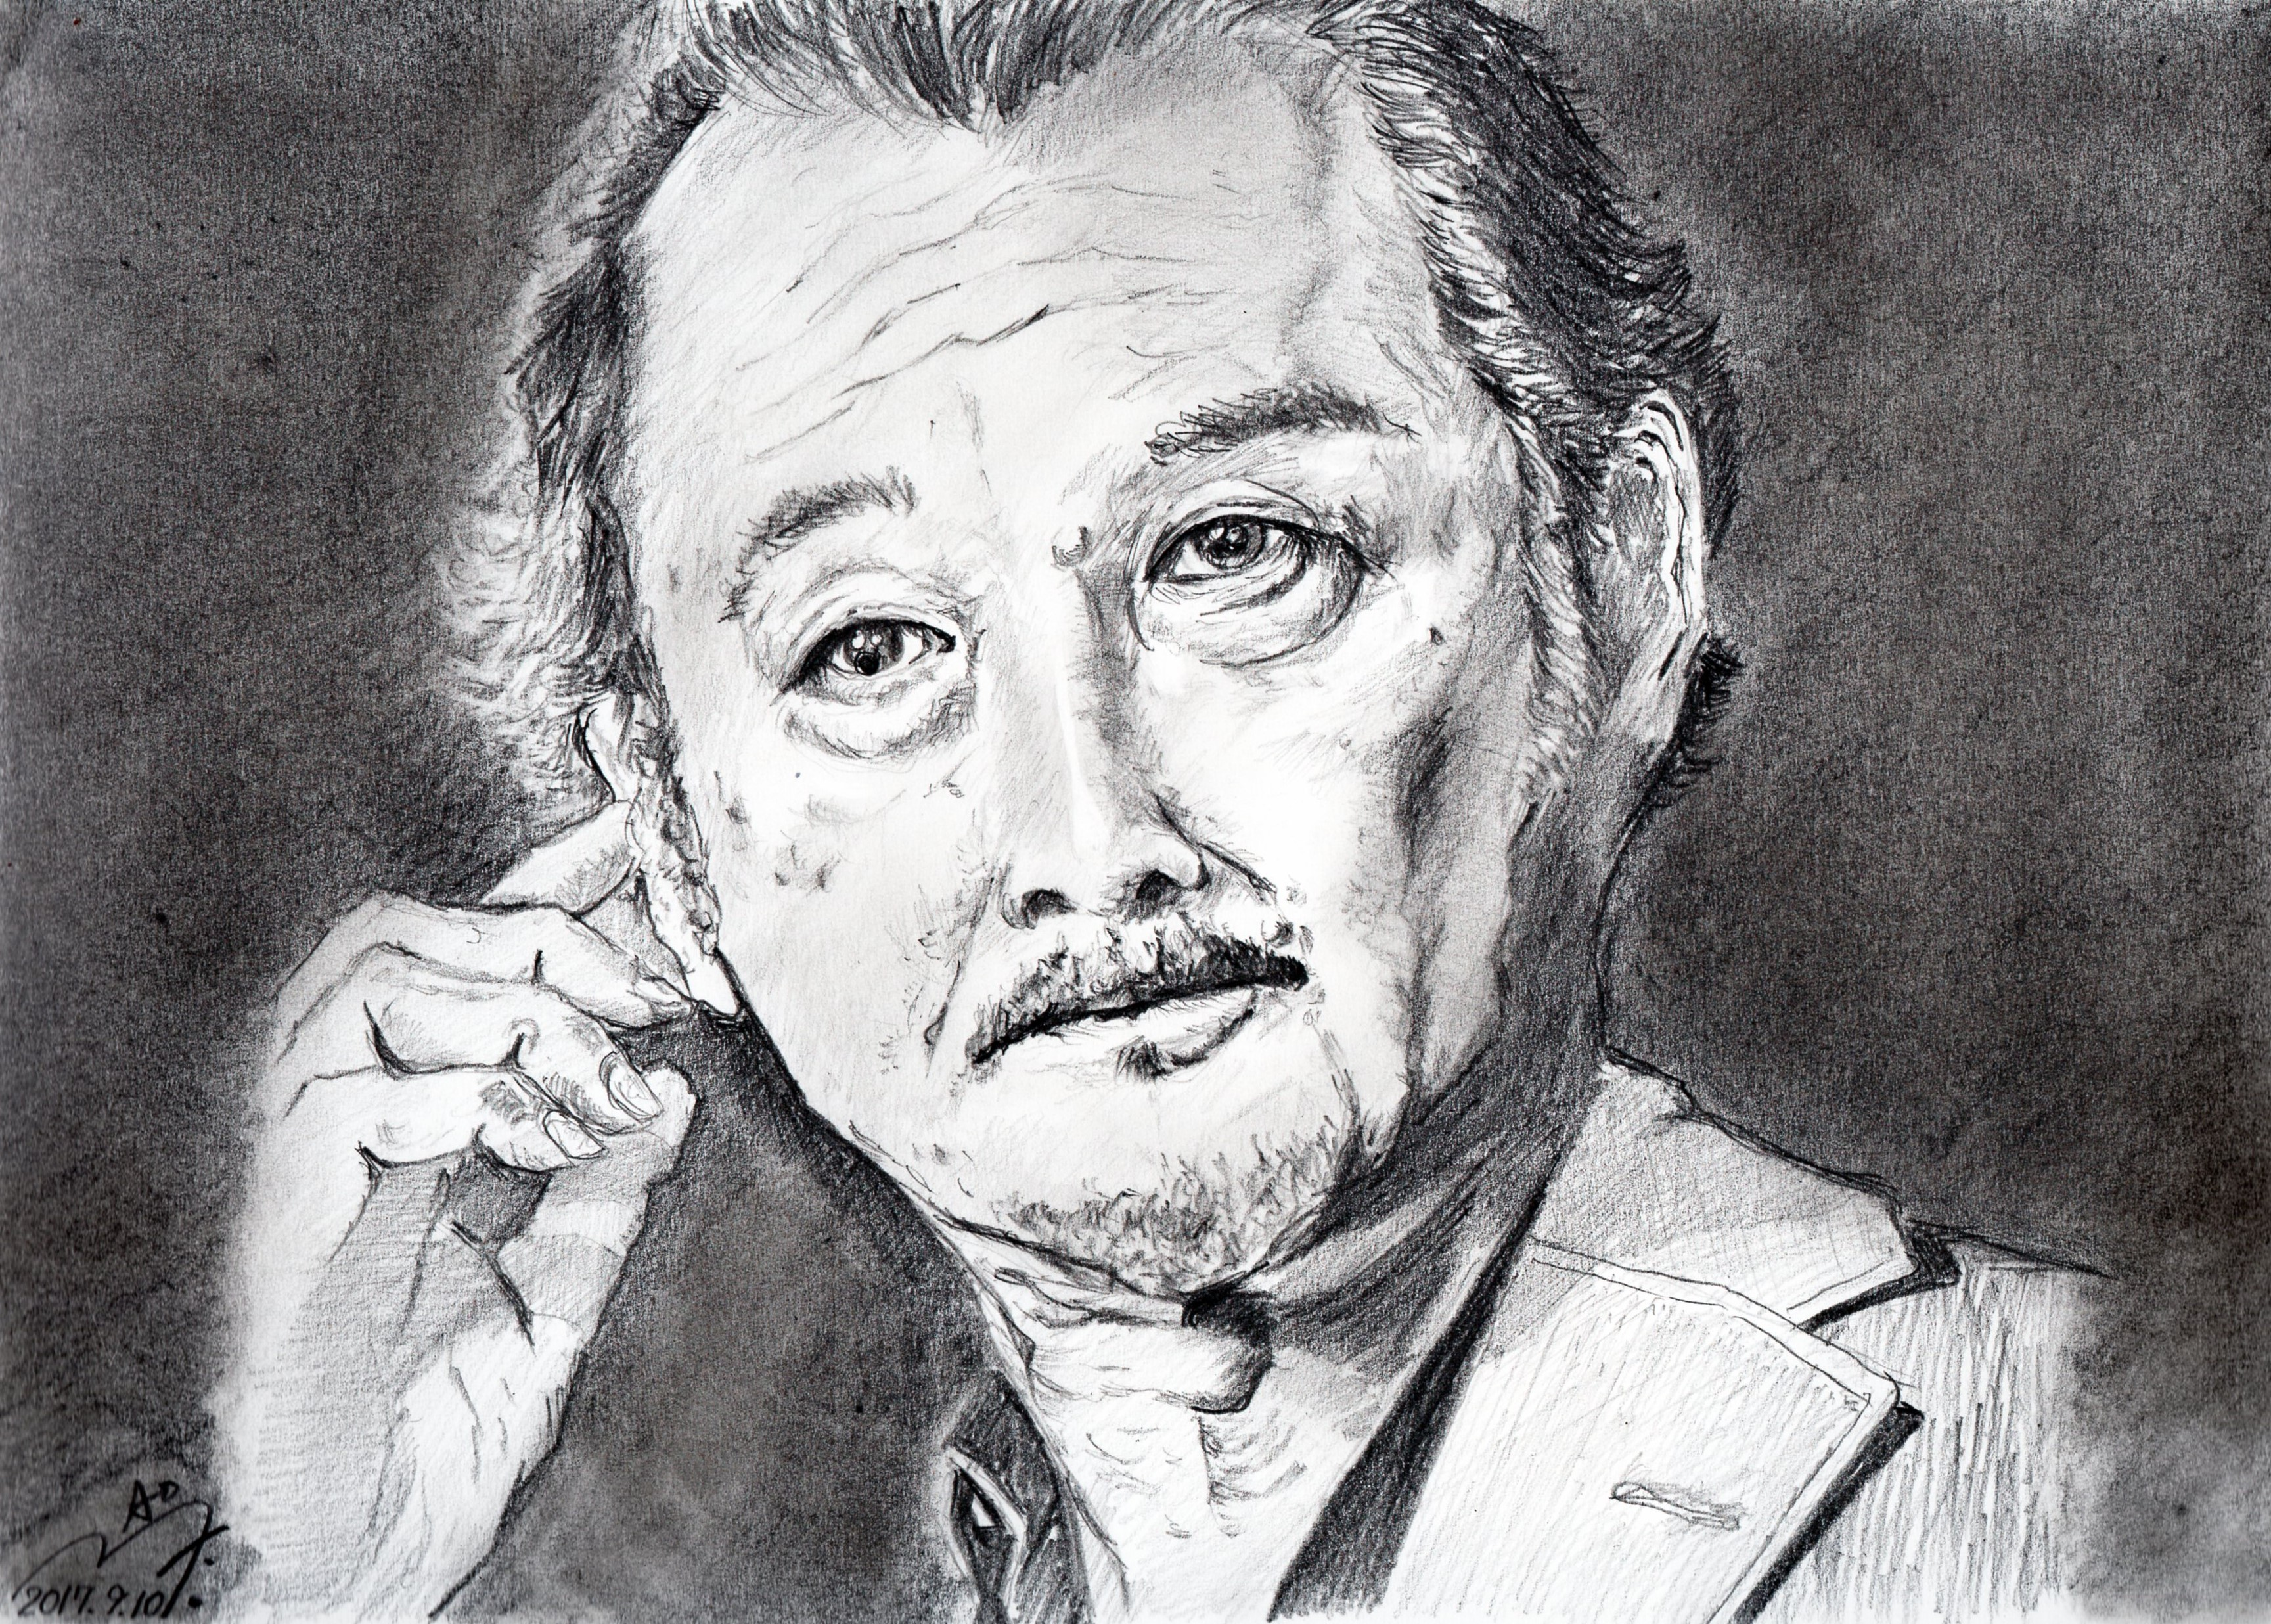 吉田鋼太郎の鉛筆画似顔絵